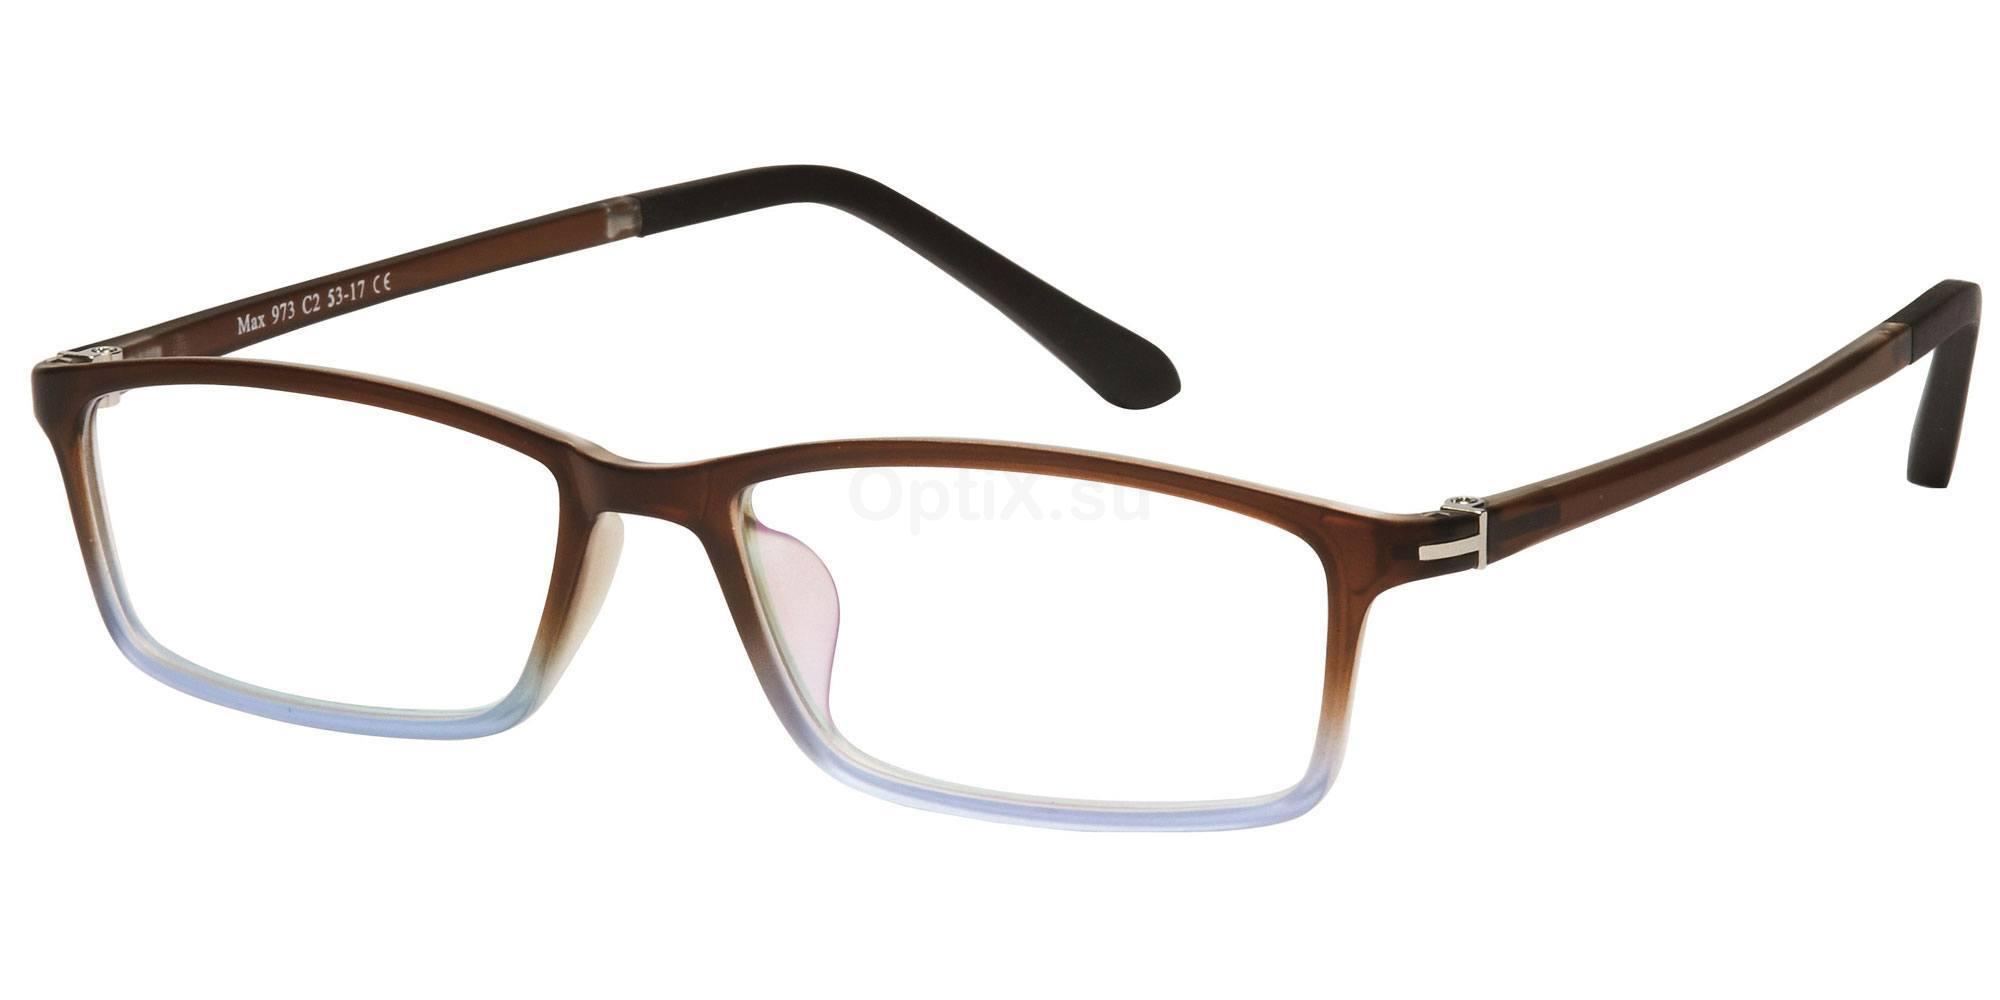 C2 M973 , Max Eyewear